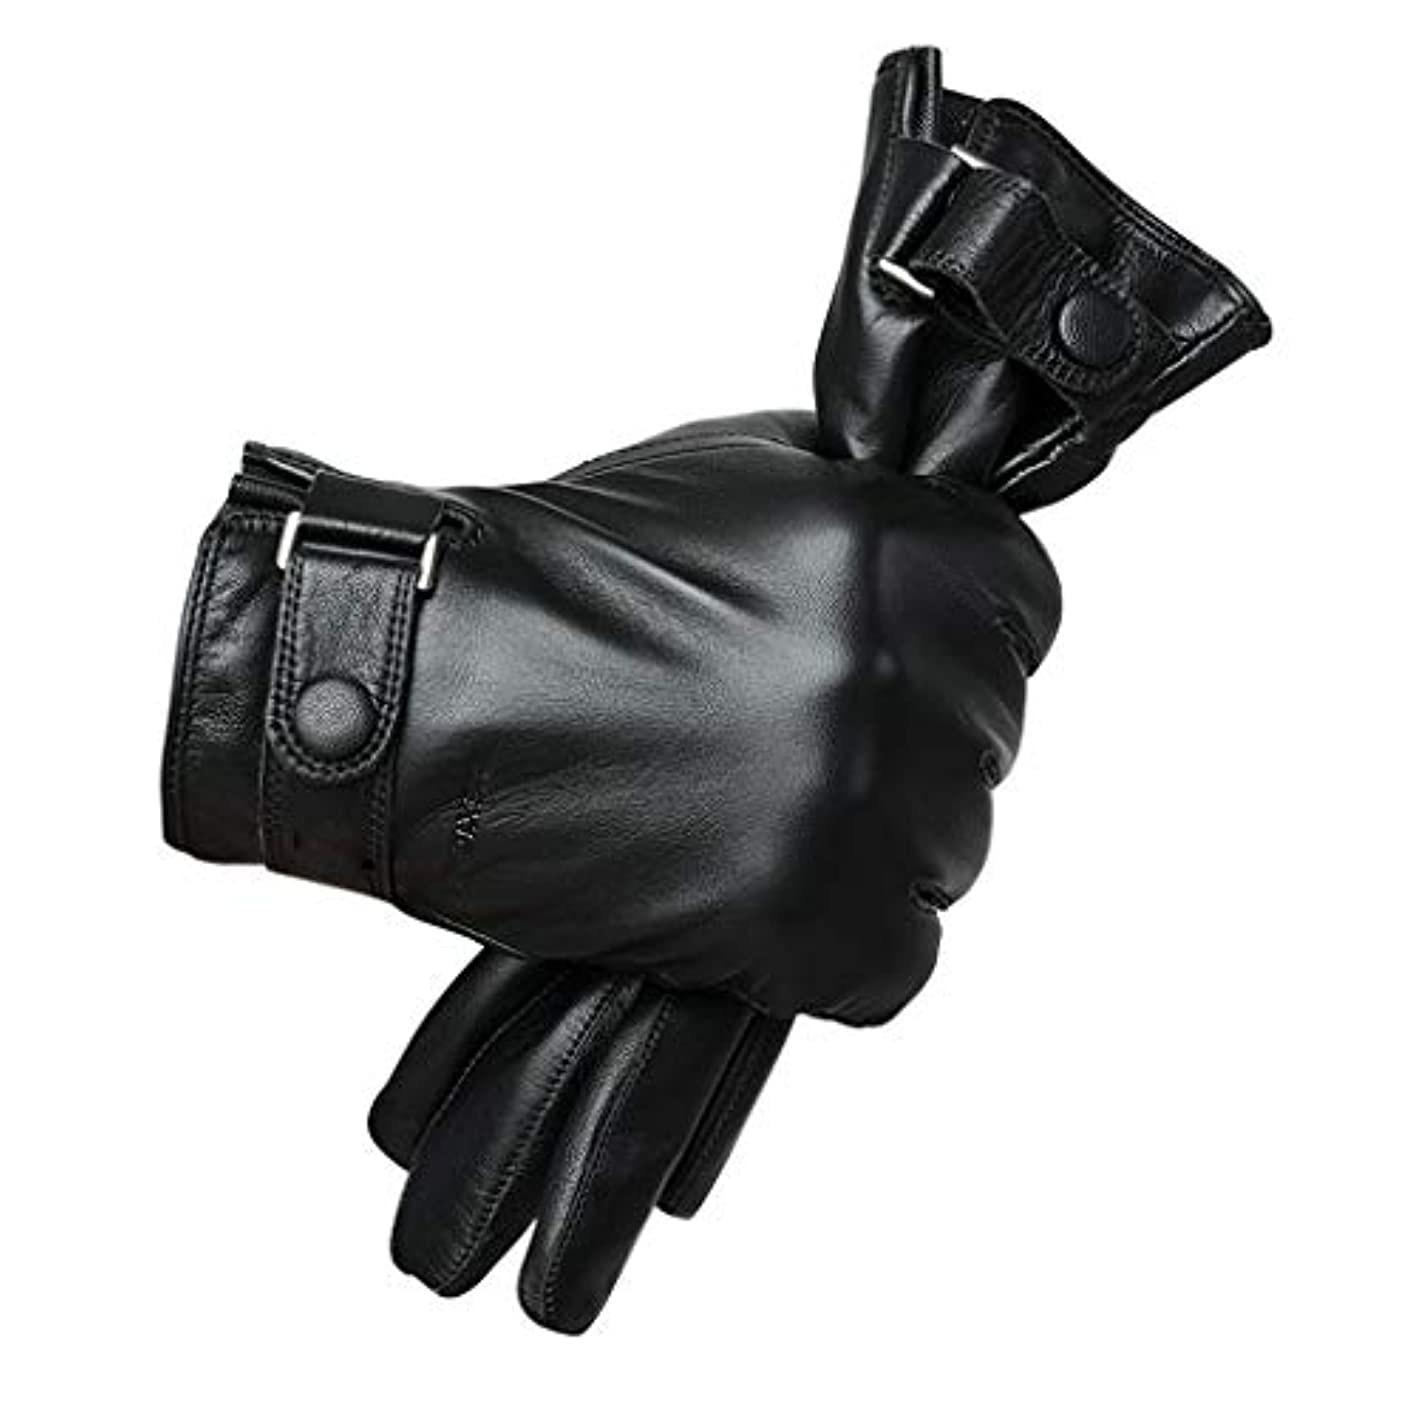 時代遅れポータルいつレザー手袋、男性冬のタッチスクリーンウォームパッド付きオートバイ屋外防風ドライビング(黒)